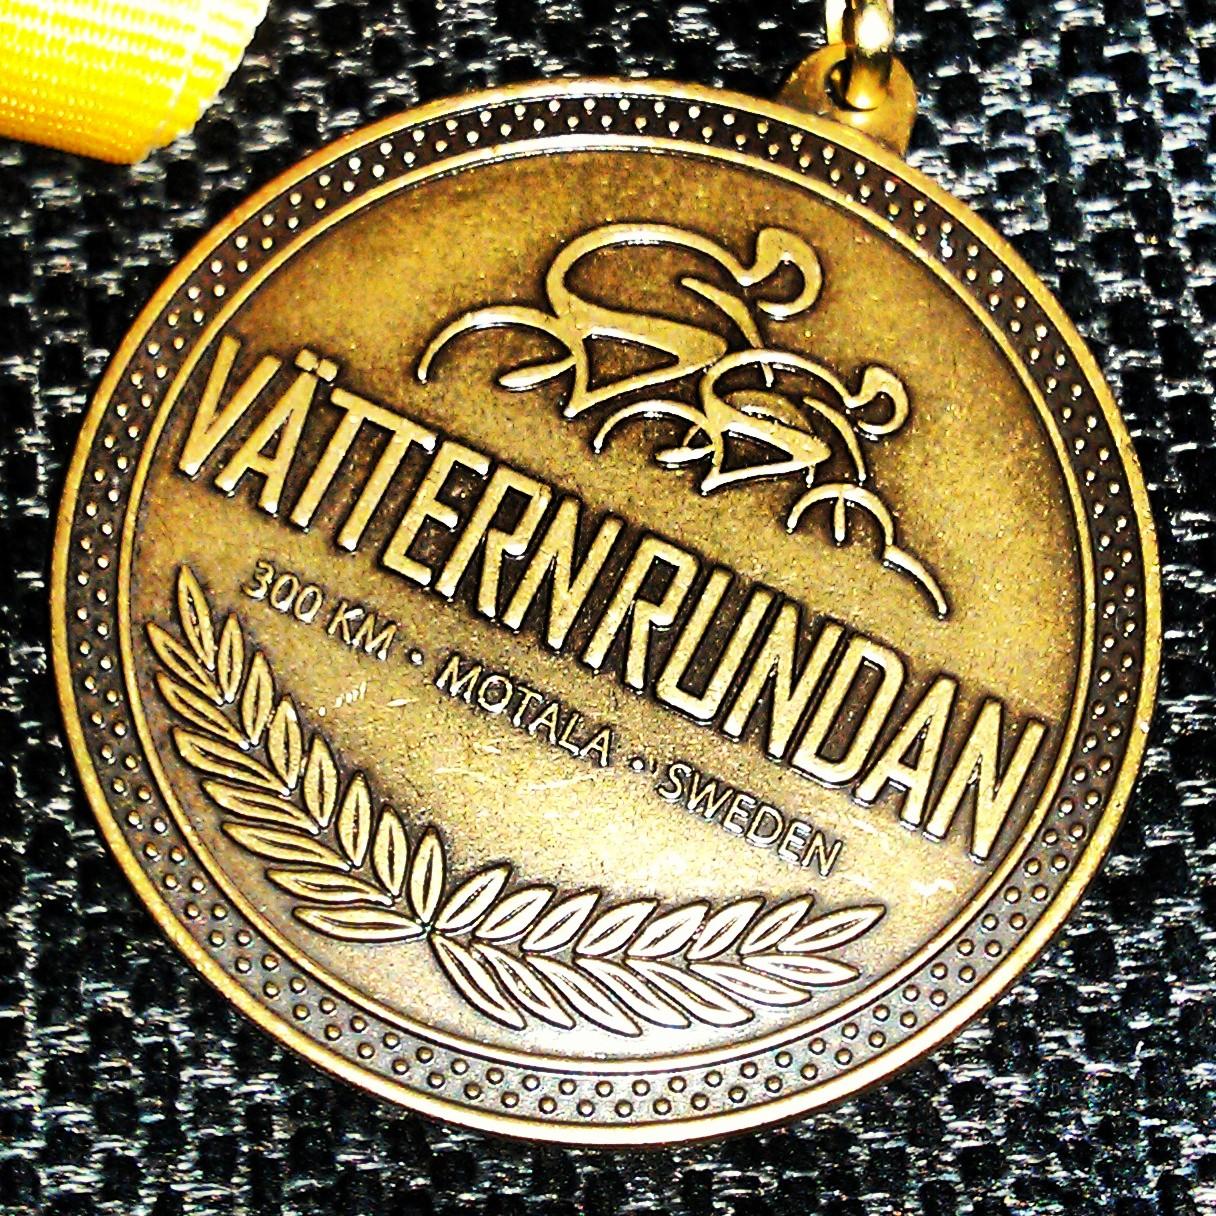 Vätternrundan, medal